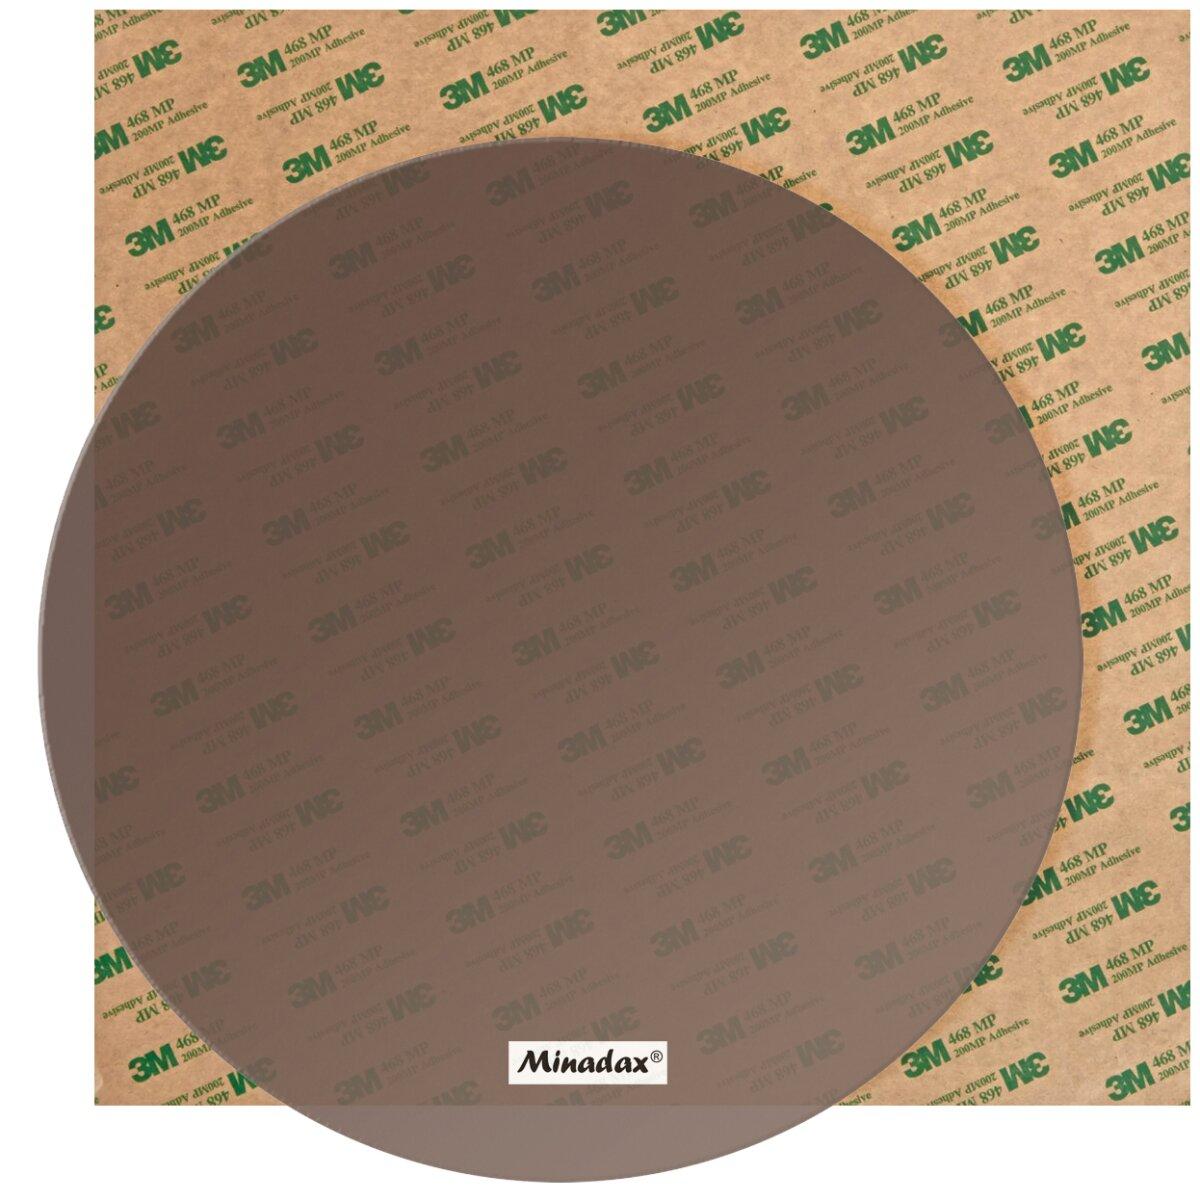 Minadax PEI 3D Druck Oberfläche Natur Rund Ø 304mm inkl. 3M 468MP Transferfolie